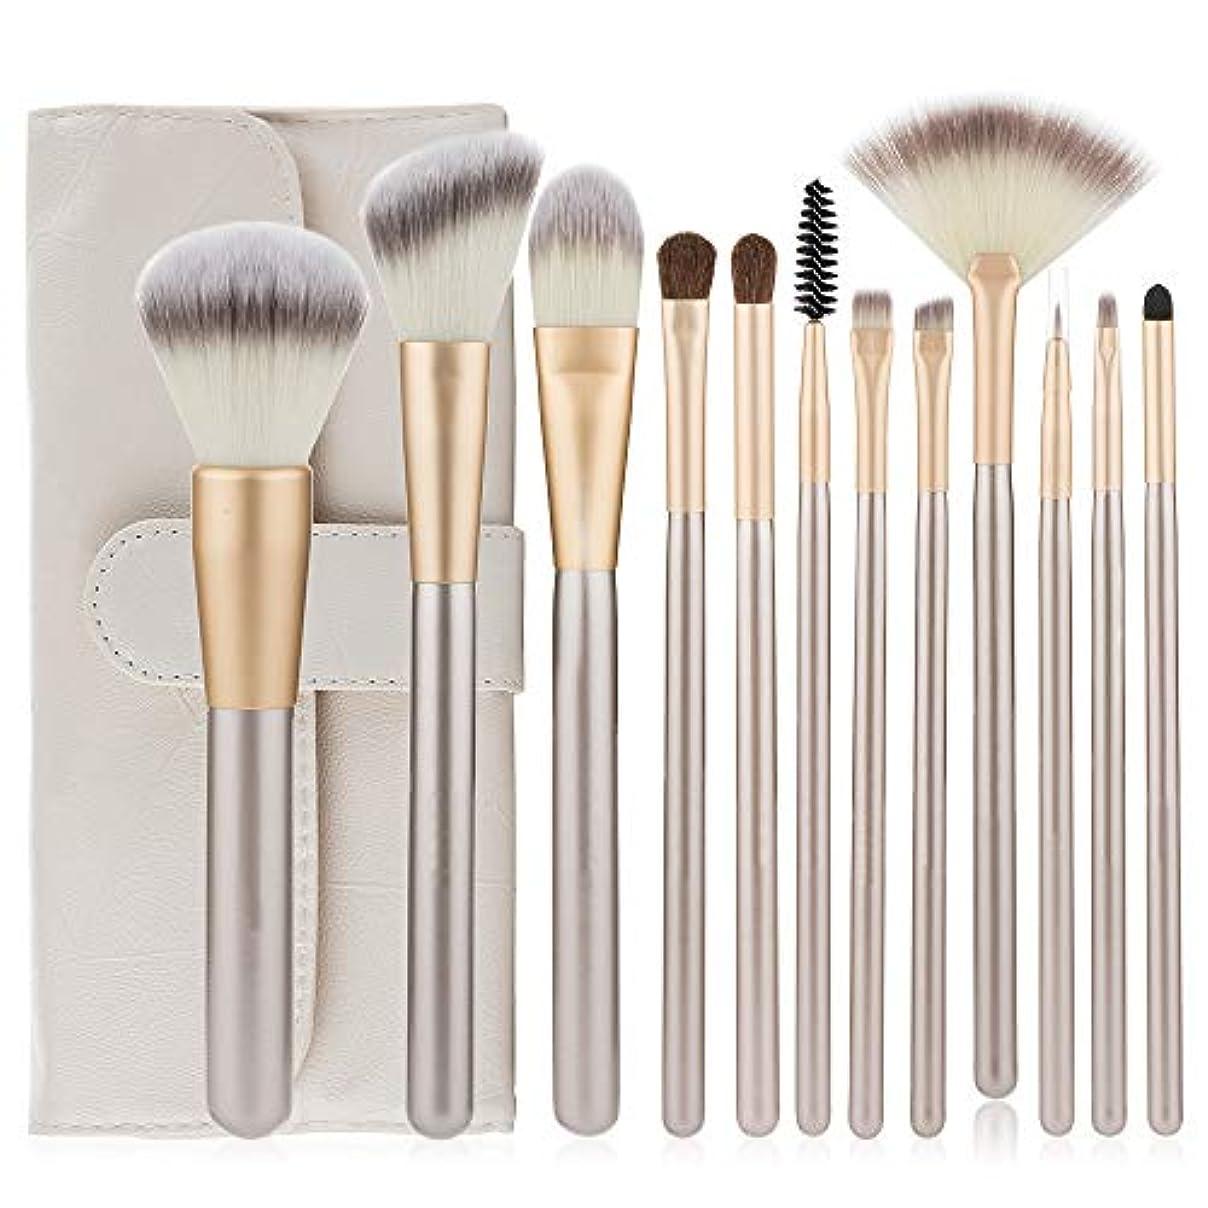 スティーブンソン遠近法可塑性化粧筆 高級天然毛 アイシャドウブラシセット 12本 上質なメイクブラシで魅力的な目元を 化粧ブラシブラシキットプロの化粧品で化粧キット (シャンパン)